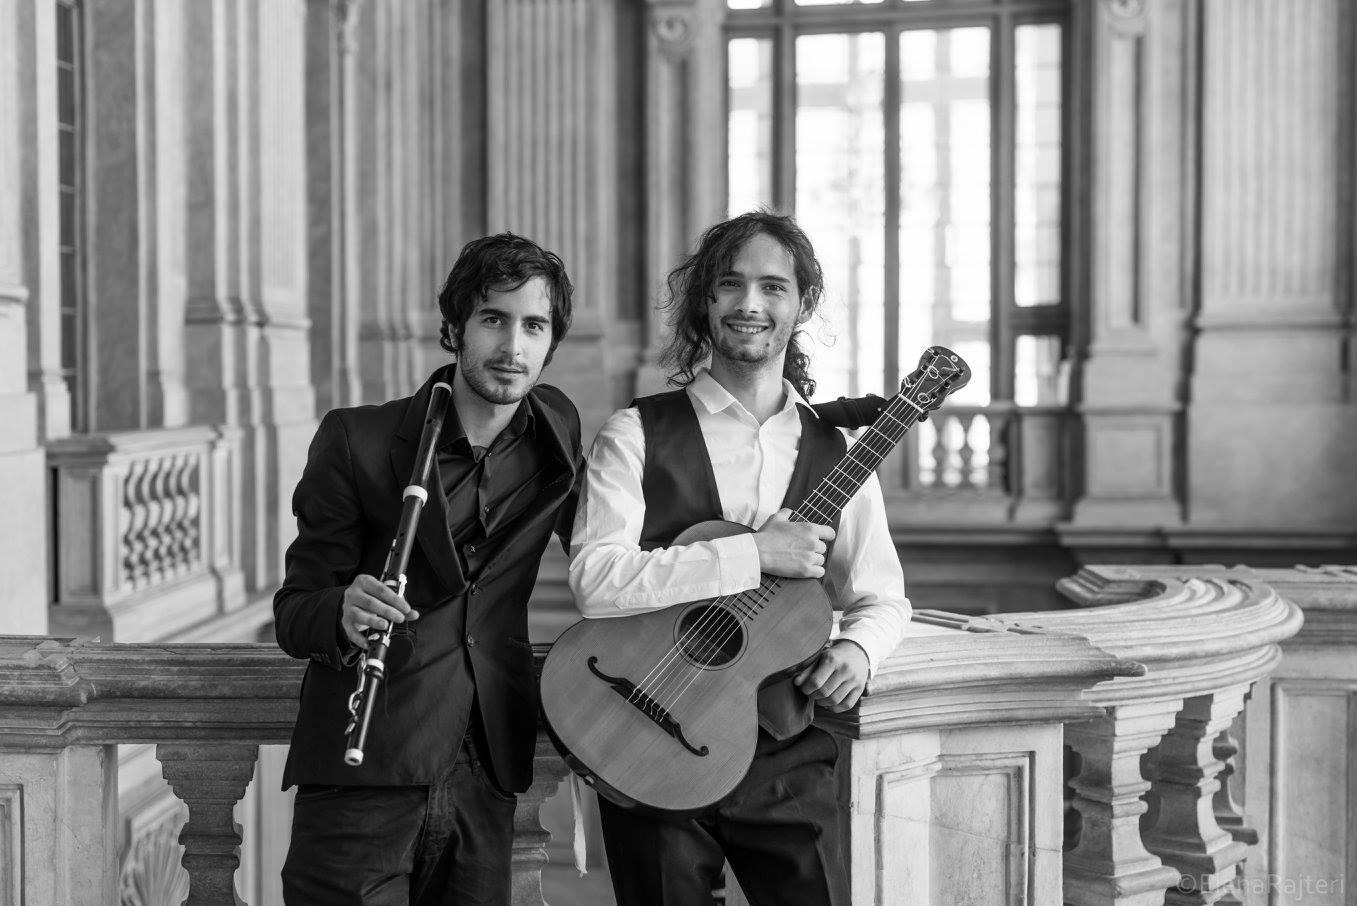 Photo of Musica classica martedì  26 al Torino Outlet Village con il Duo De Felice-Arata